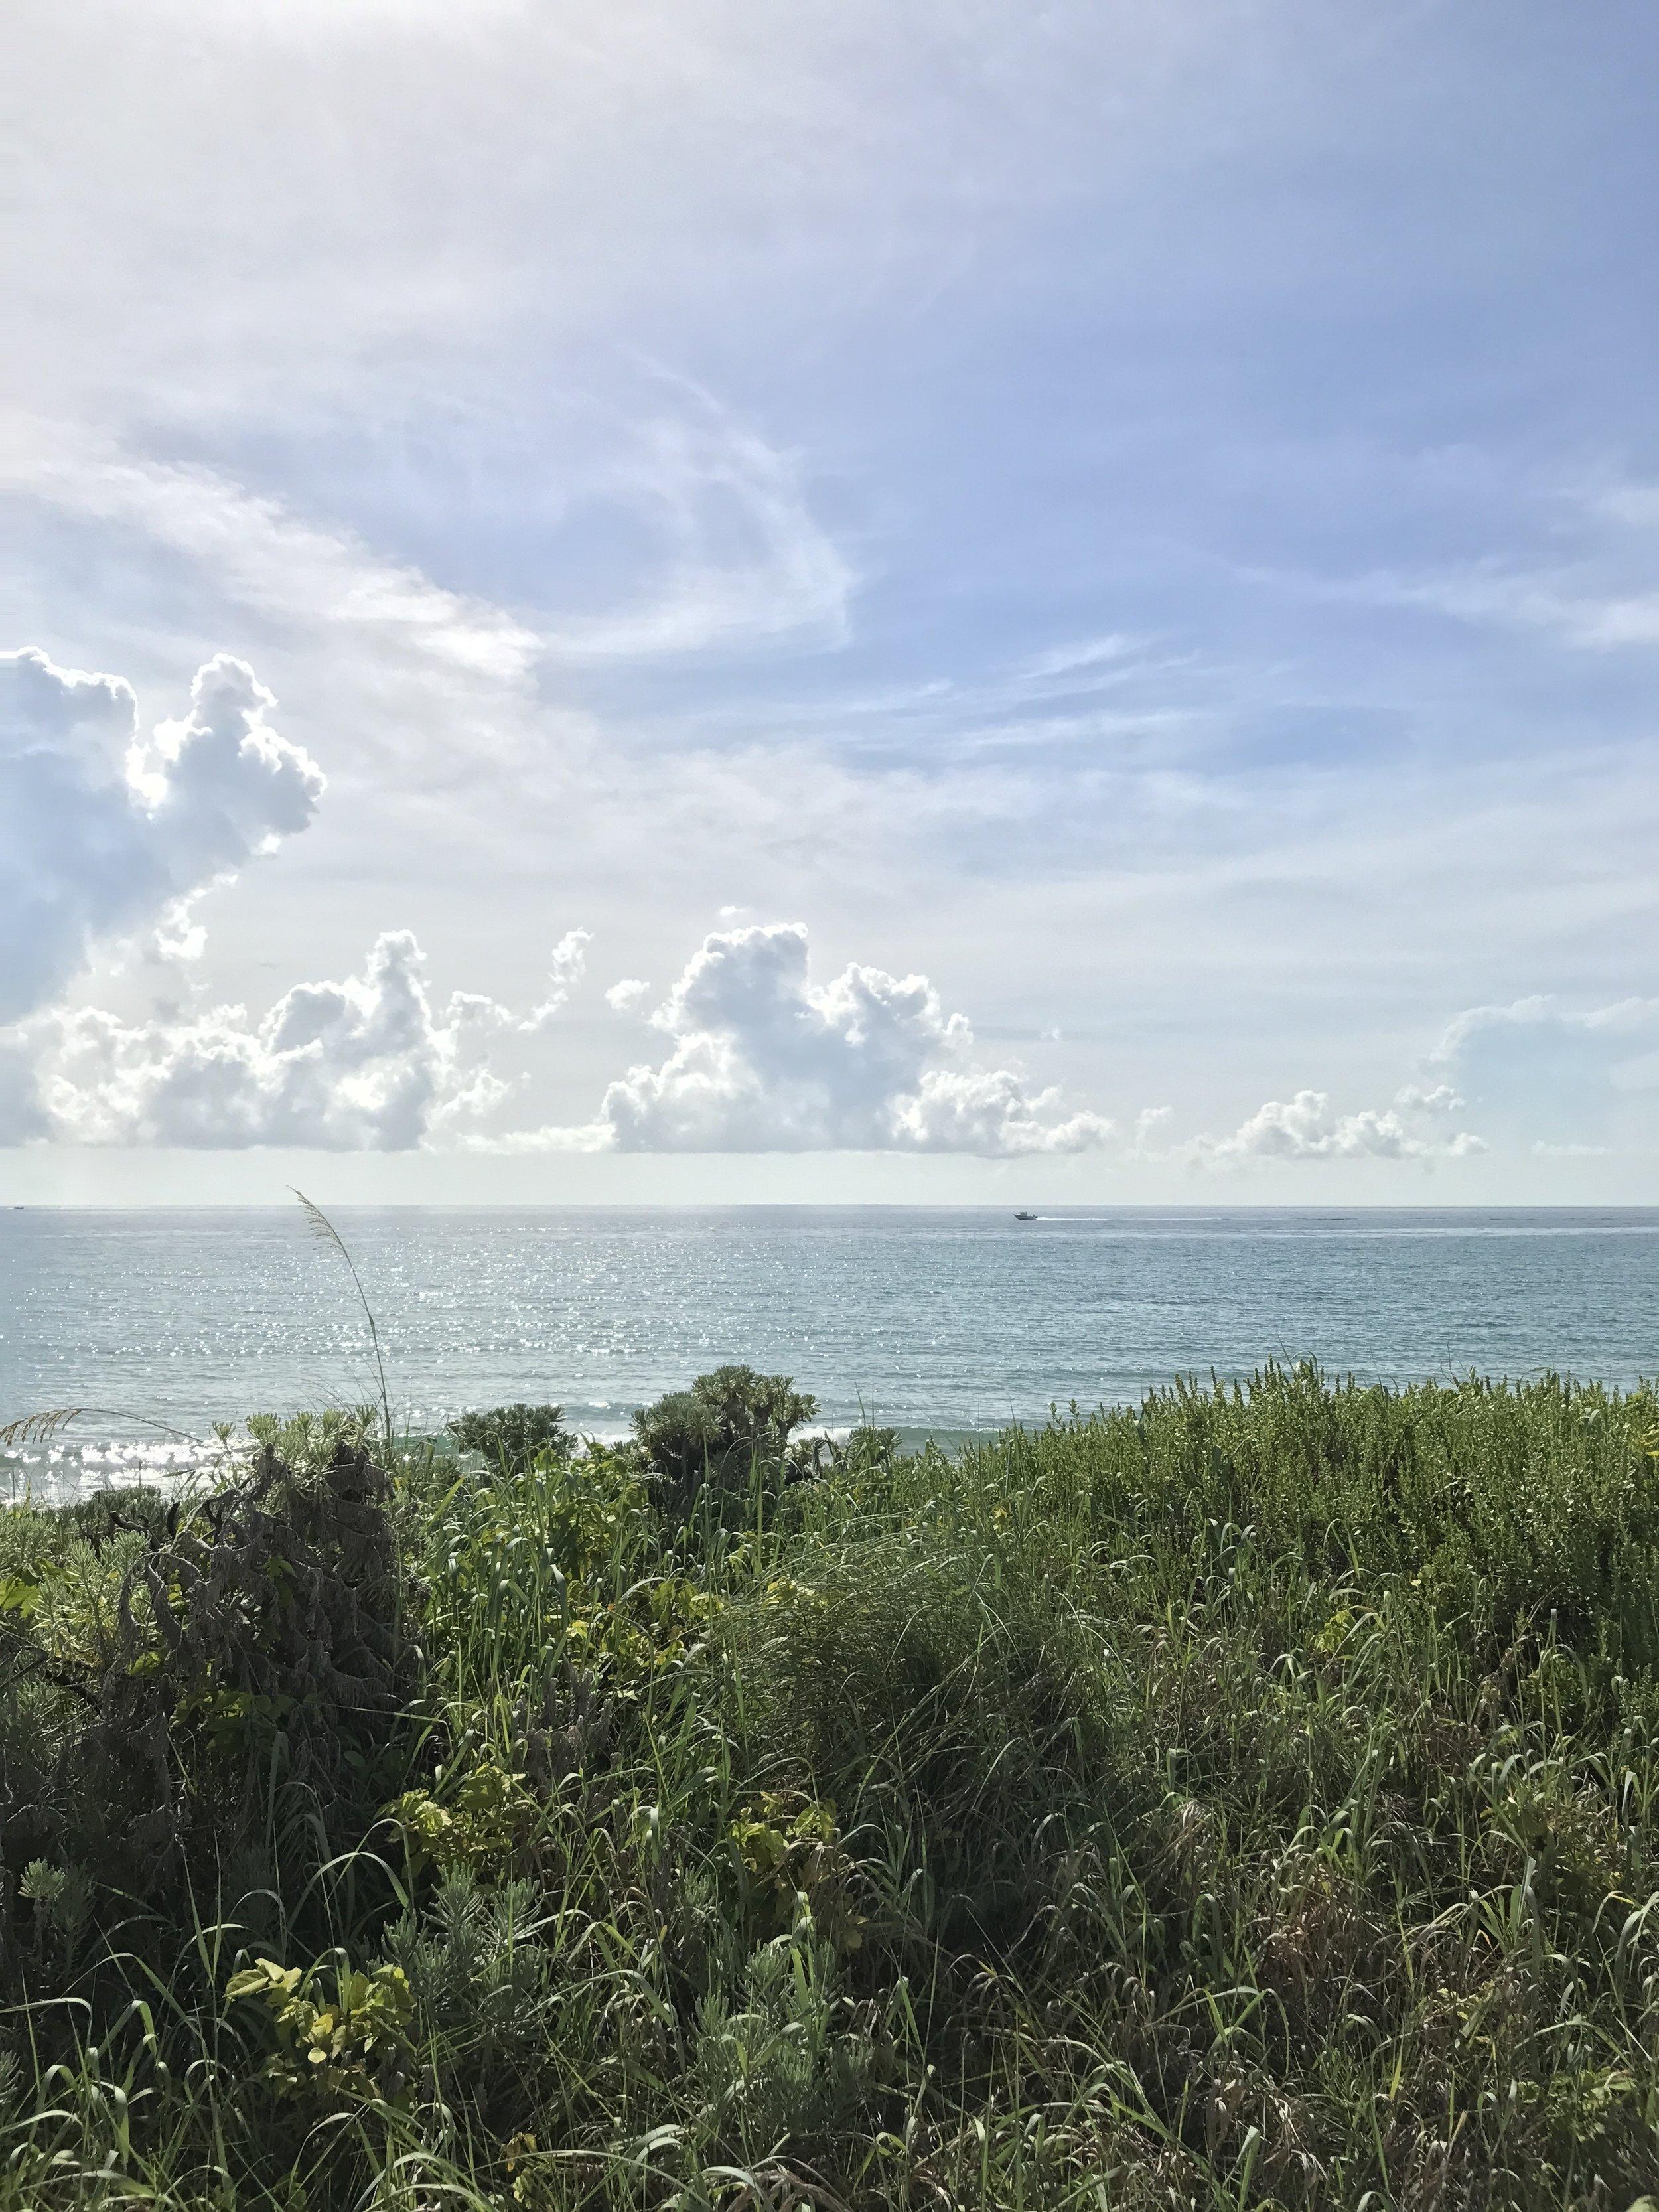 Walking along Ocean Blvd in Palm Beach.